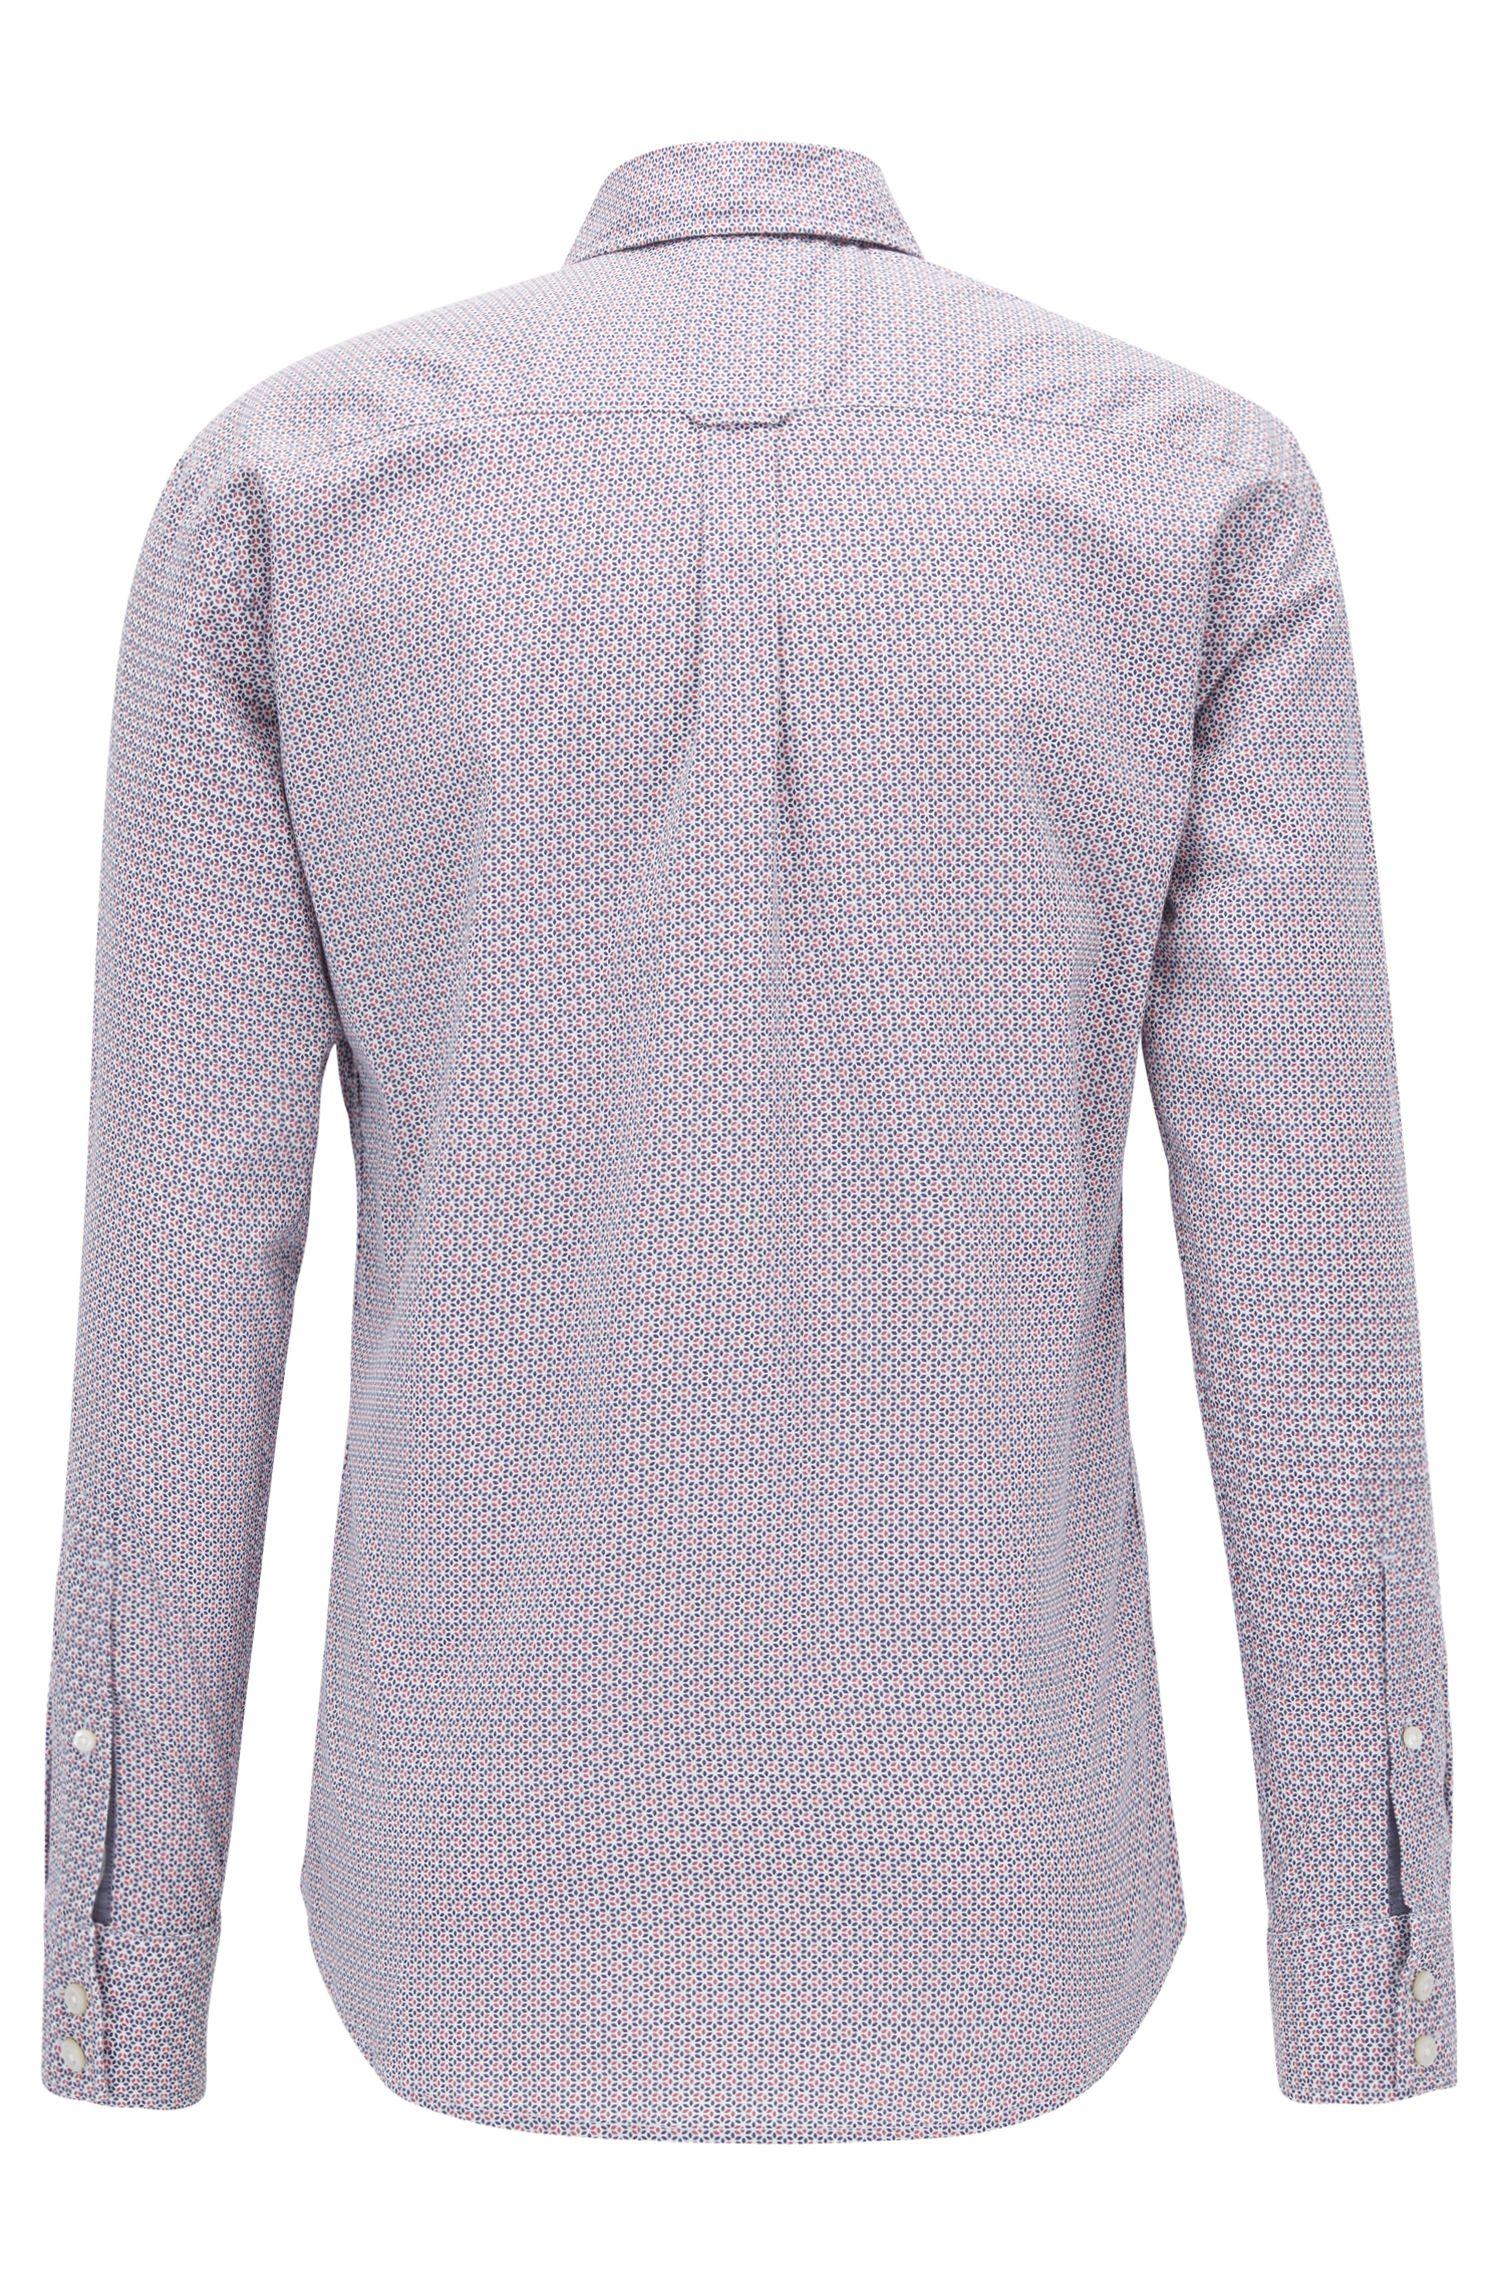 Slim-Fit Hemd aus Baumwoll-Popeline mit feinem Print